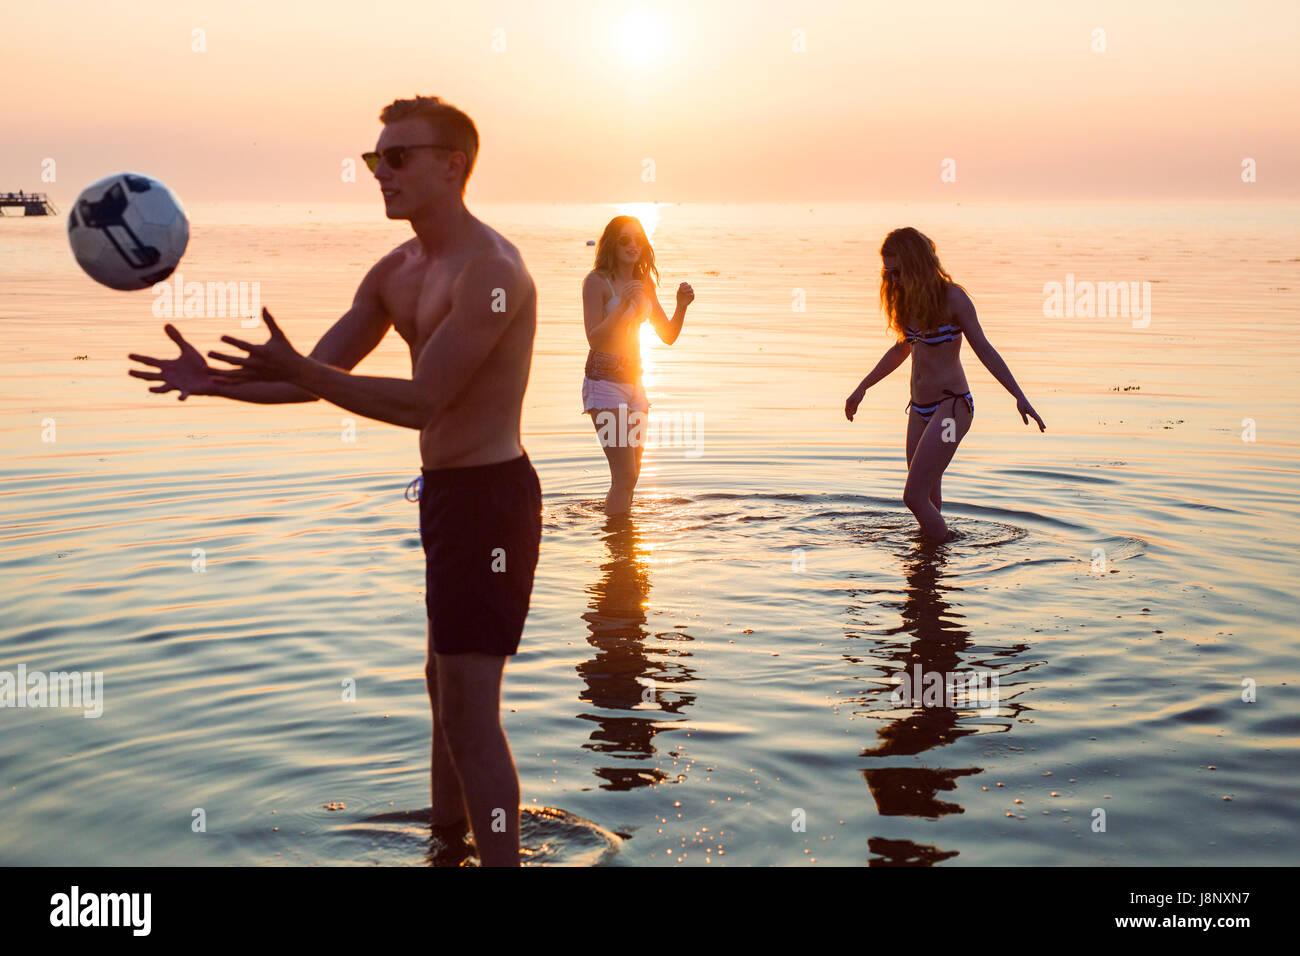 Joven, joven y adolescente (16-17) jugando voleibol en el mar al atardecer Foto de stock